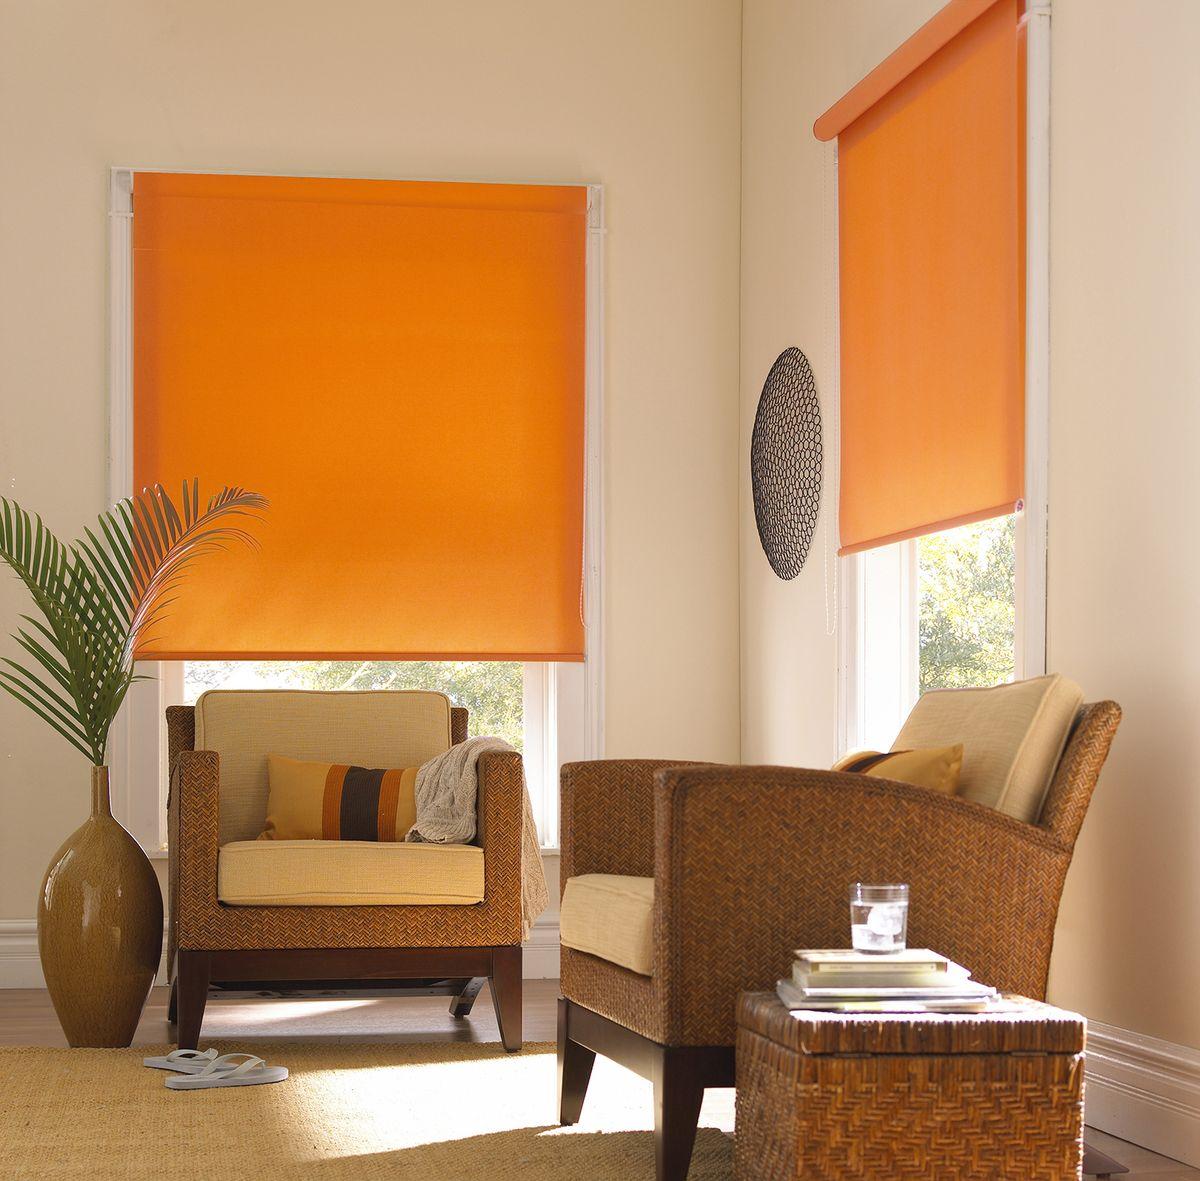 Штора рулонная Эскар Миниролло, цвет: апельсин, ширина 115 см, высота 170 см34020098170Рулонная штора Эскар Миниролло выполнена из высокопрочной ткани, которая сохраняет свой размер даже при намокании. Ткань не выцветает и обладает отличной цветоустойчивостью.Миниролло - это подвид рулонных штор, который закрывает не весь оконный проем, а непосредственно само стекло. Такие шторы крепятся на раму без сверления при помощи зажимов или клейкой двухсторонней ленты (в комплекте). Окно остается на гарантии, благодаря монтажу без сверления. Такая штора станет прекрасным элементом декора окна и гармонично впишется в интерьер любого помещения.